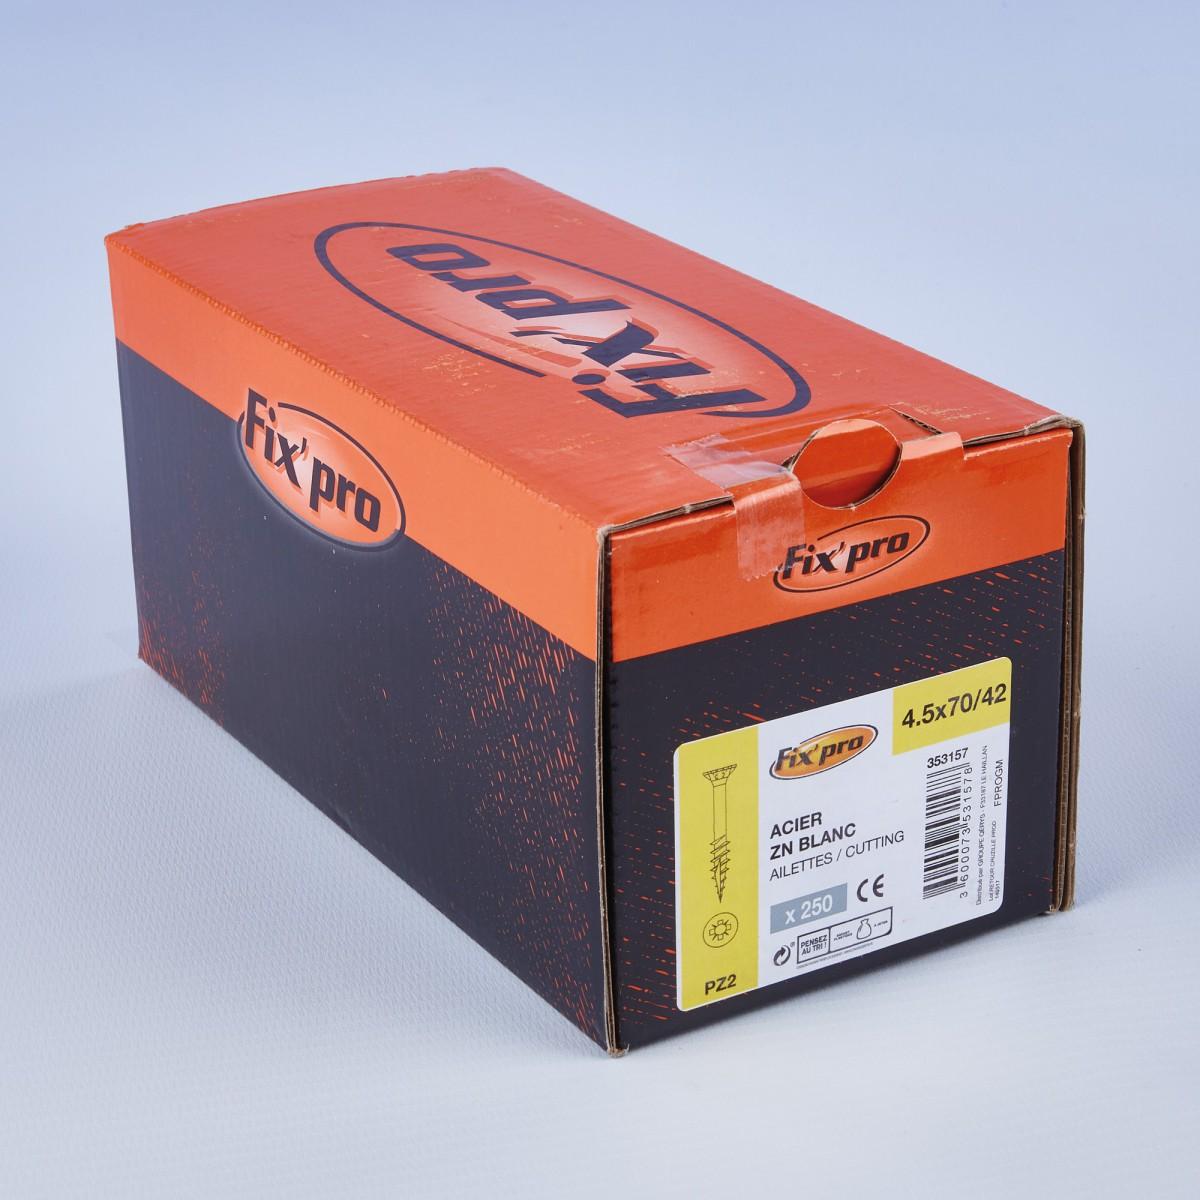 Vis à bois tête fraisée PZ - 4,5x70/42 - 250pces - Fixpro